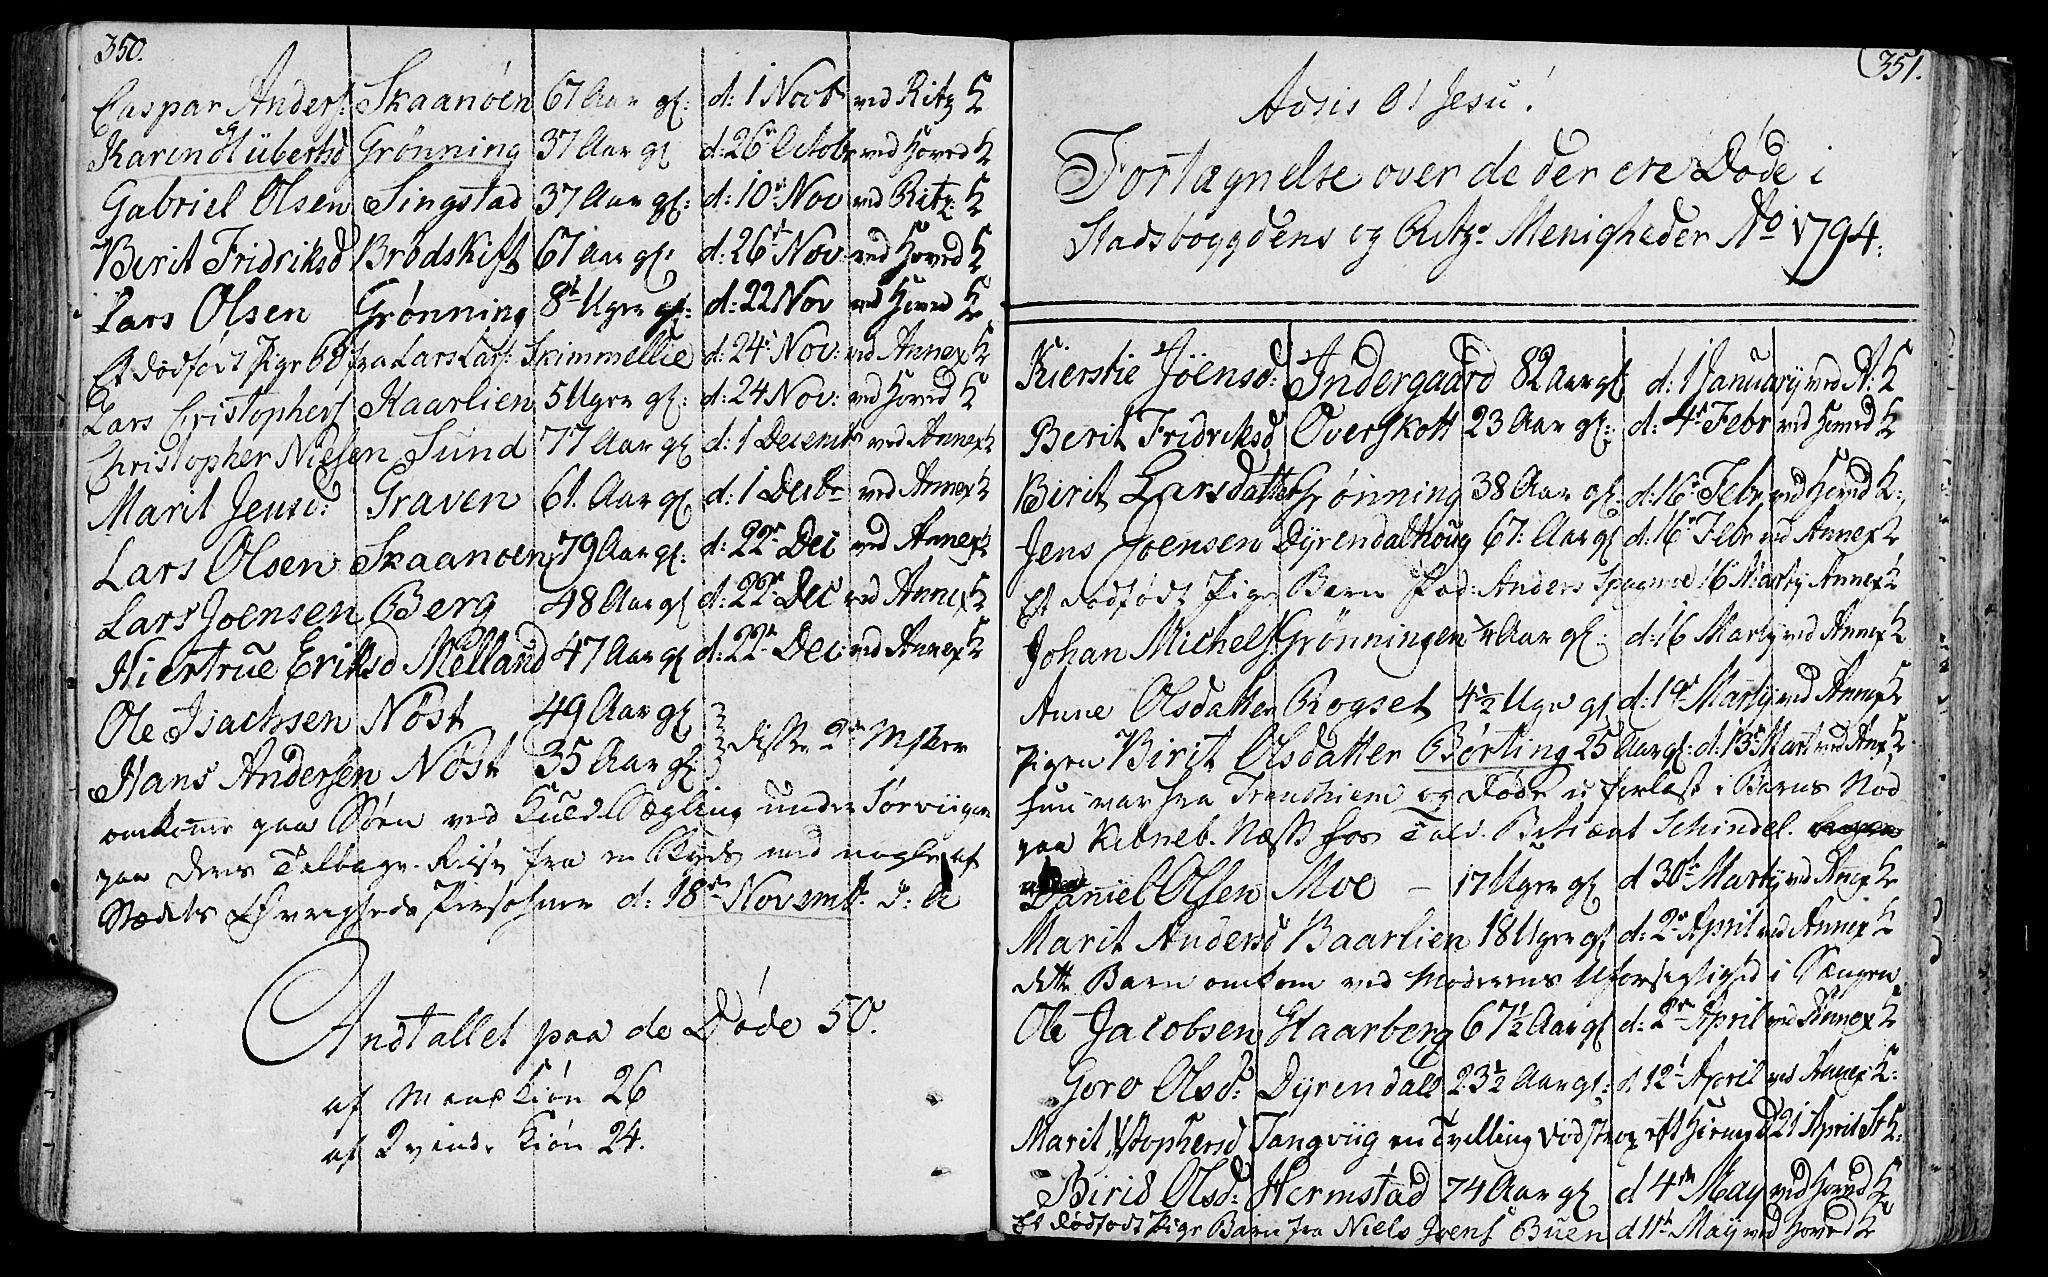 SAT, Ministerialprotokoller, klokkerbøker og fødselsregistre - Sør-Trøndelag, 646/L0606: Ministerialbok nr. 646A04, 1791-1805, s. 350-351